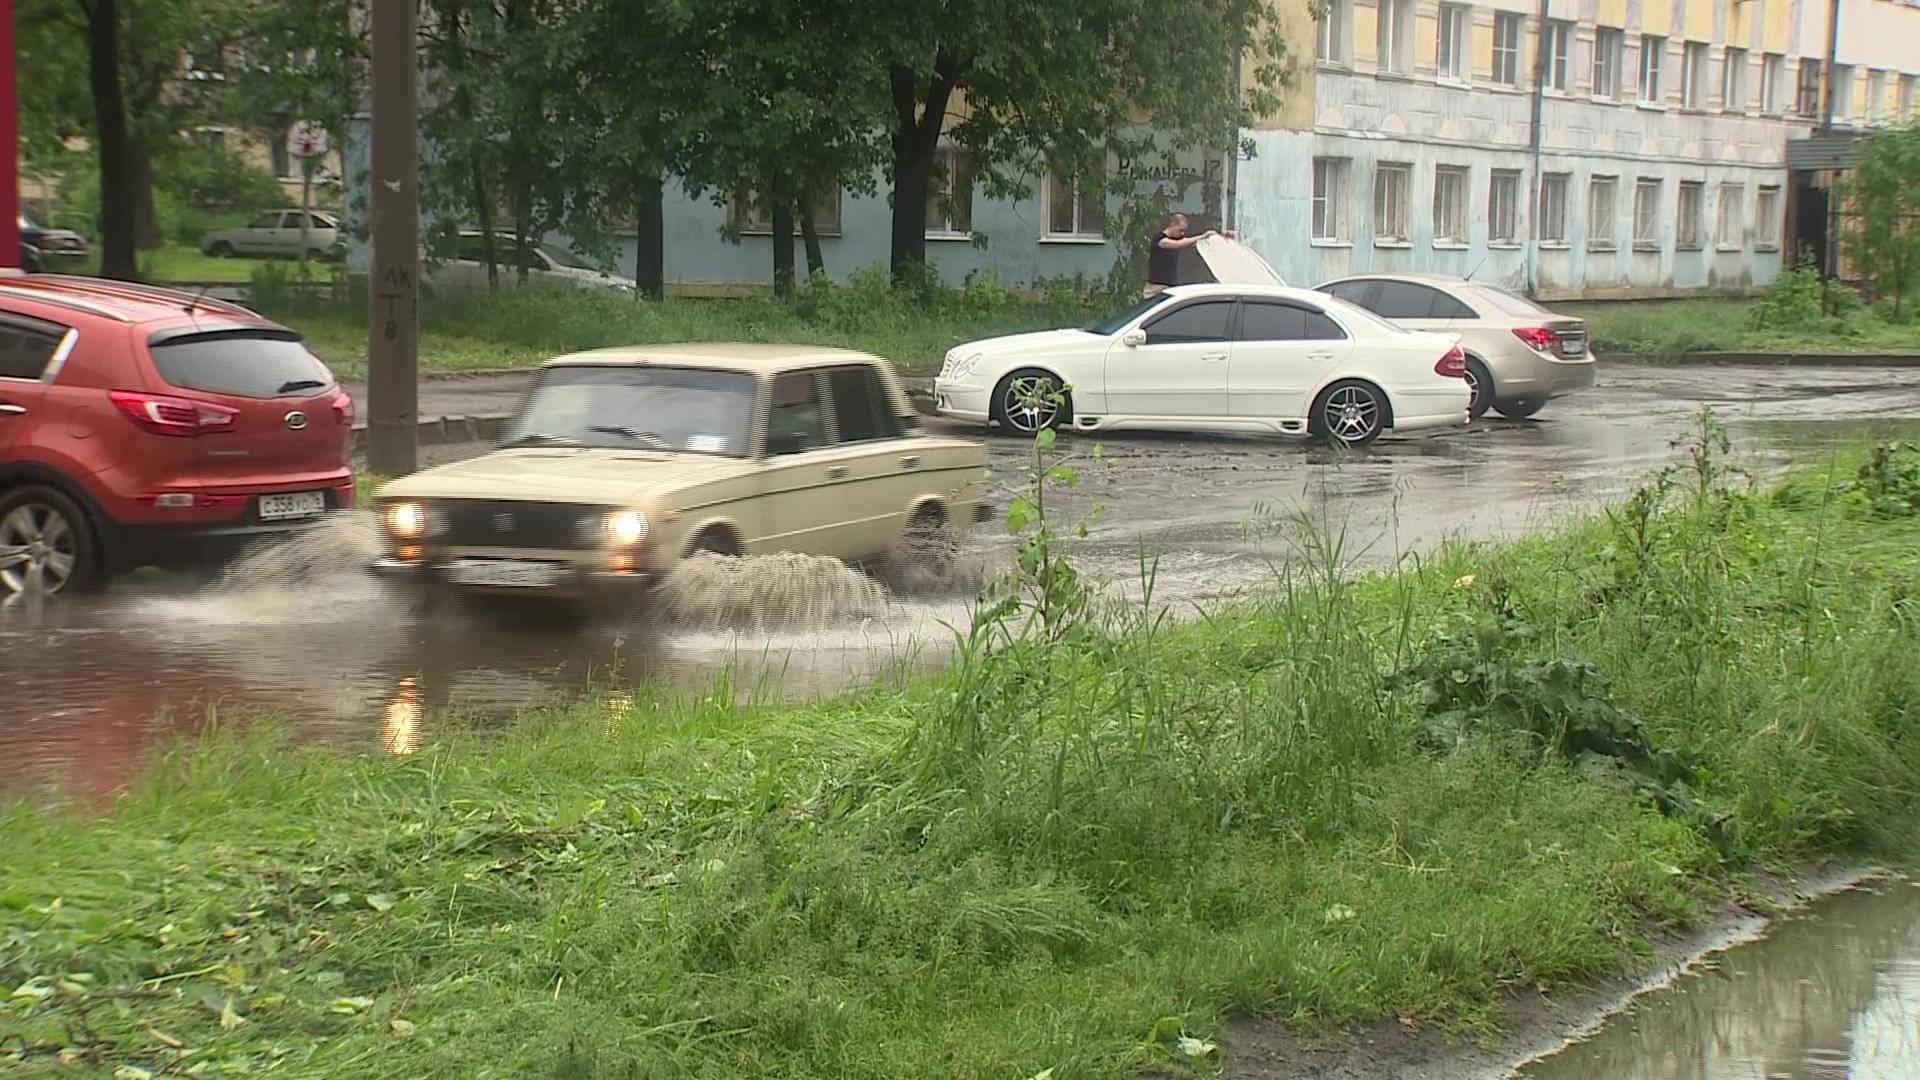 Плавающие машины и затопленные подъезды: на Ярославль обрушилась стихия